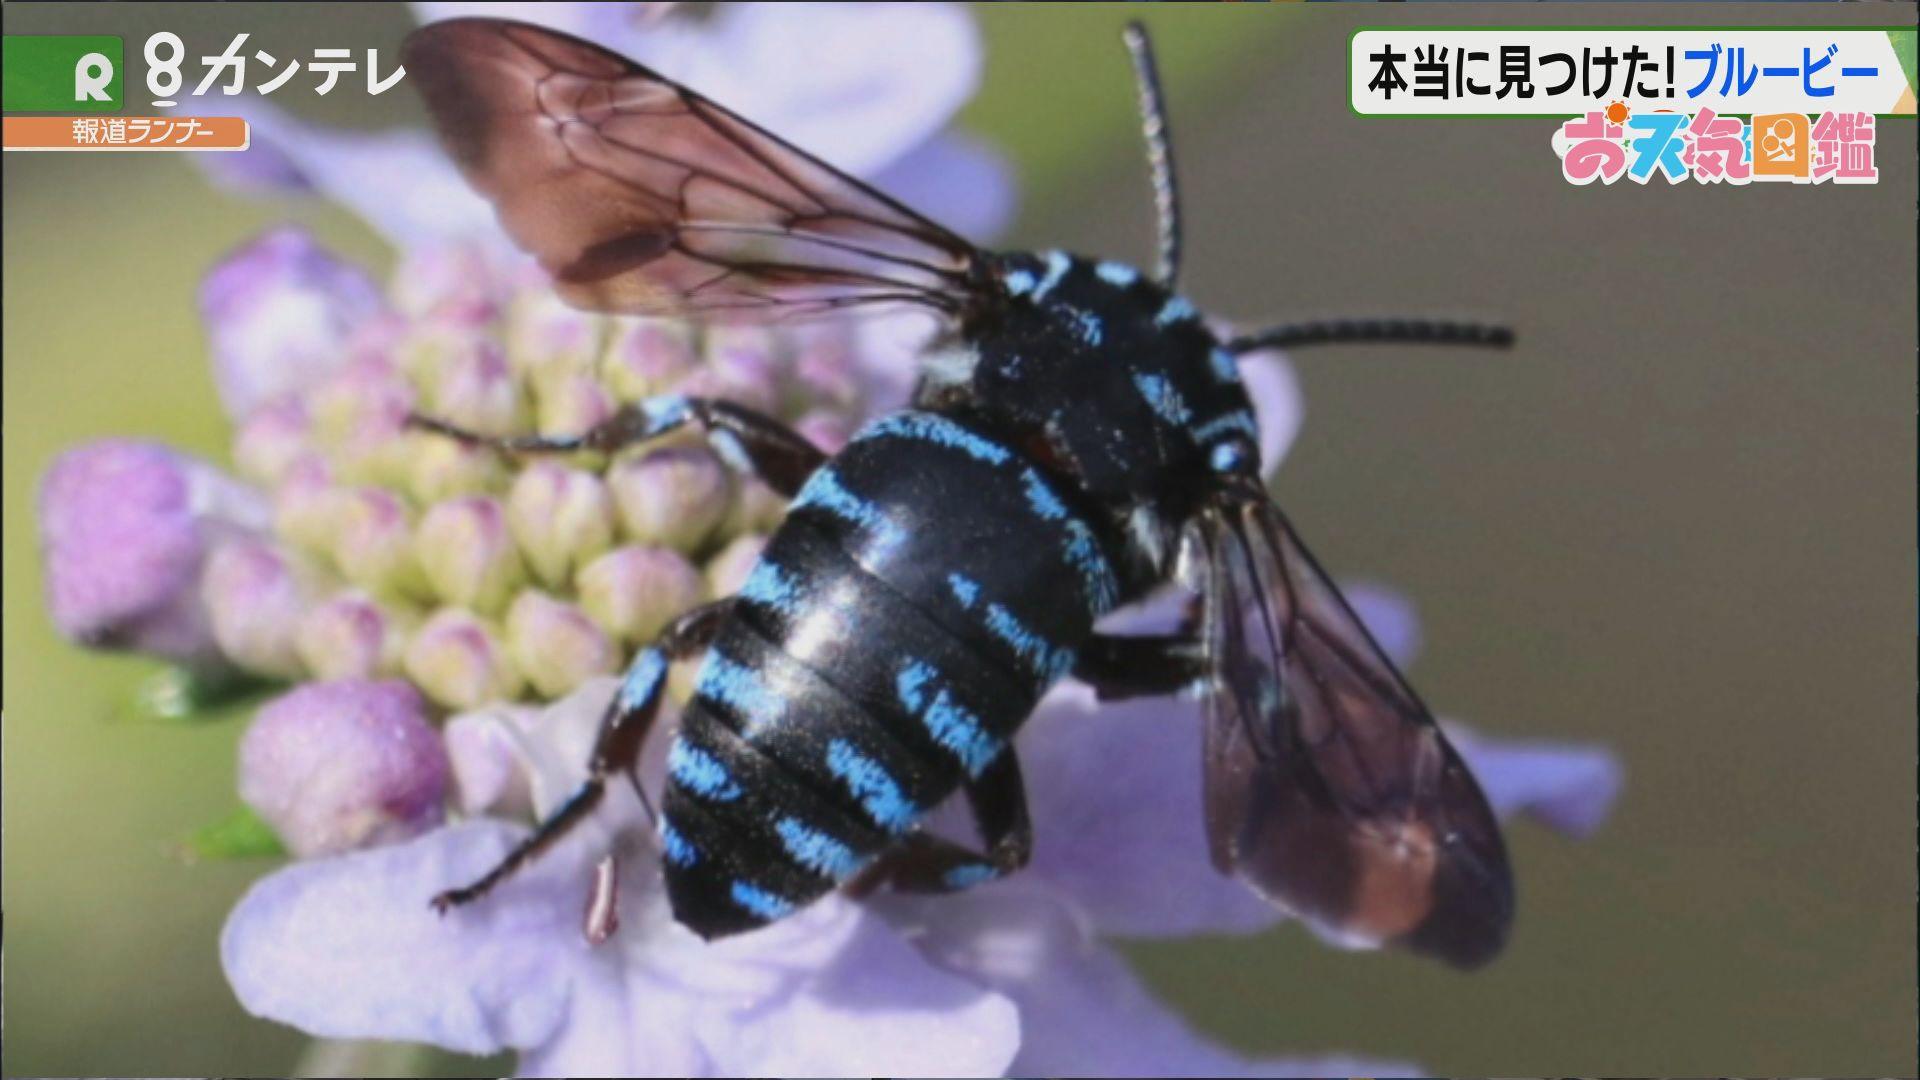 「見つけた!ブルー・ビー」(神戸市)